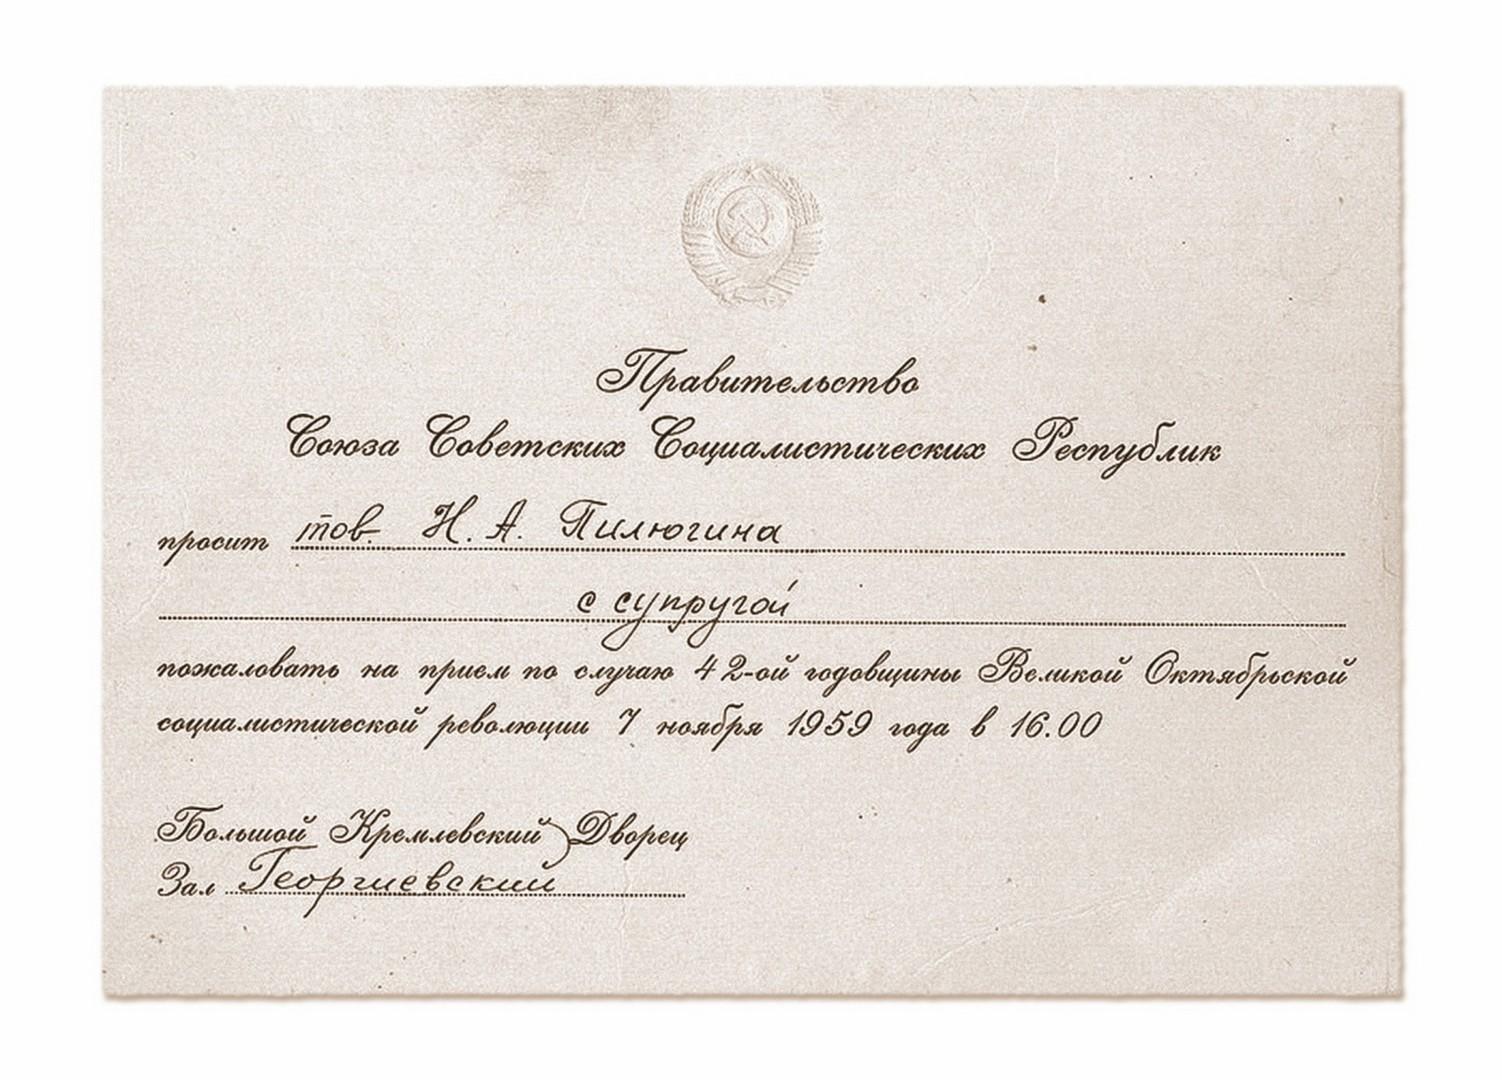 Приглашение на правительственный прием.